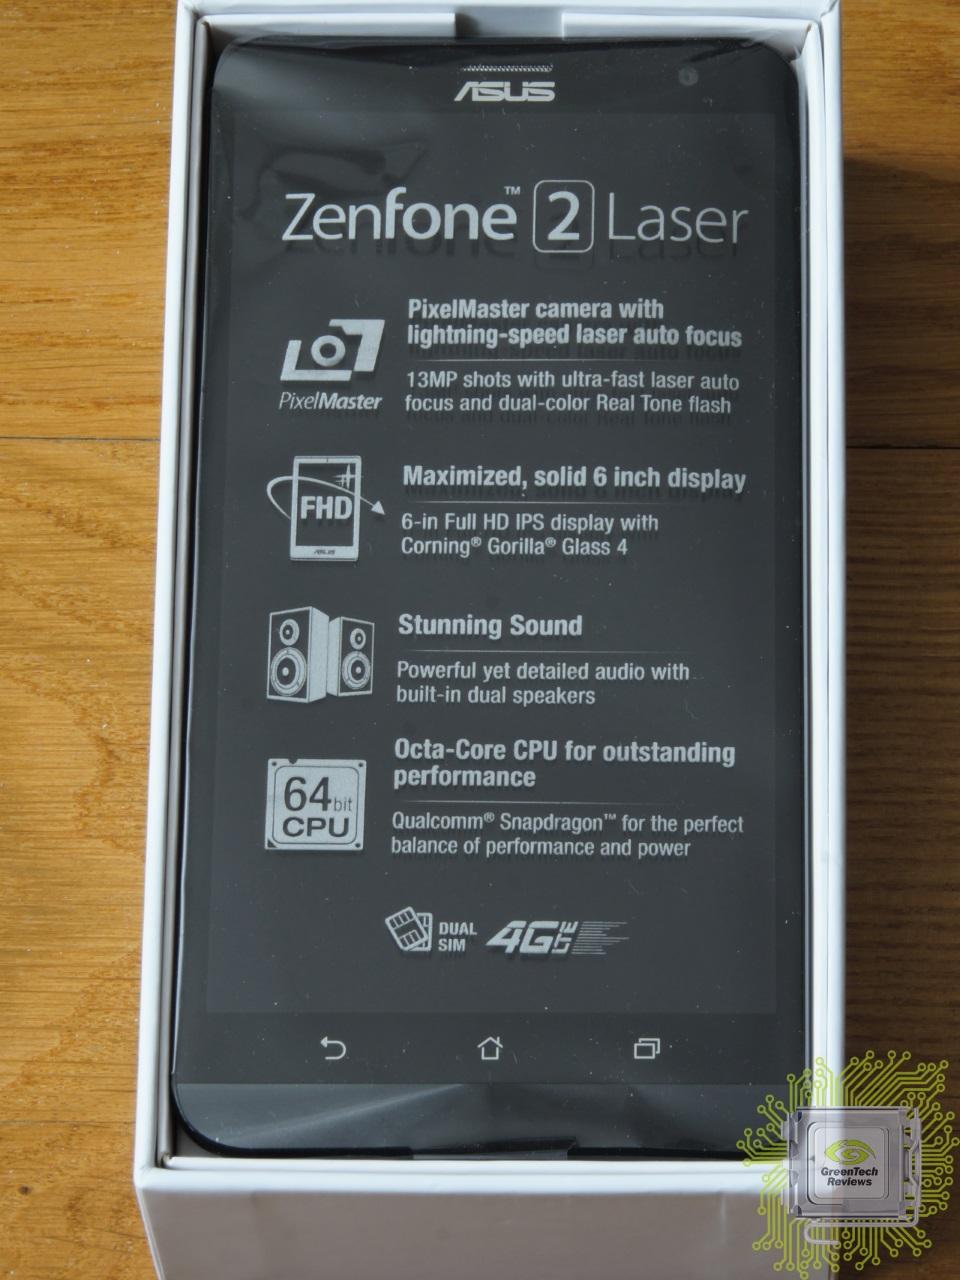 инструкция пользователя смартфона асус зенфон 2